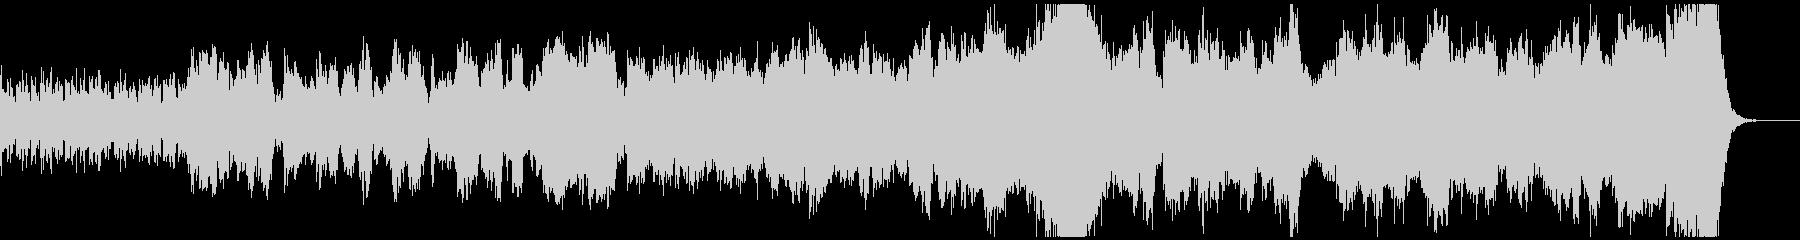 ソロバイオリンのスペクタクルなOPの未再生の波形